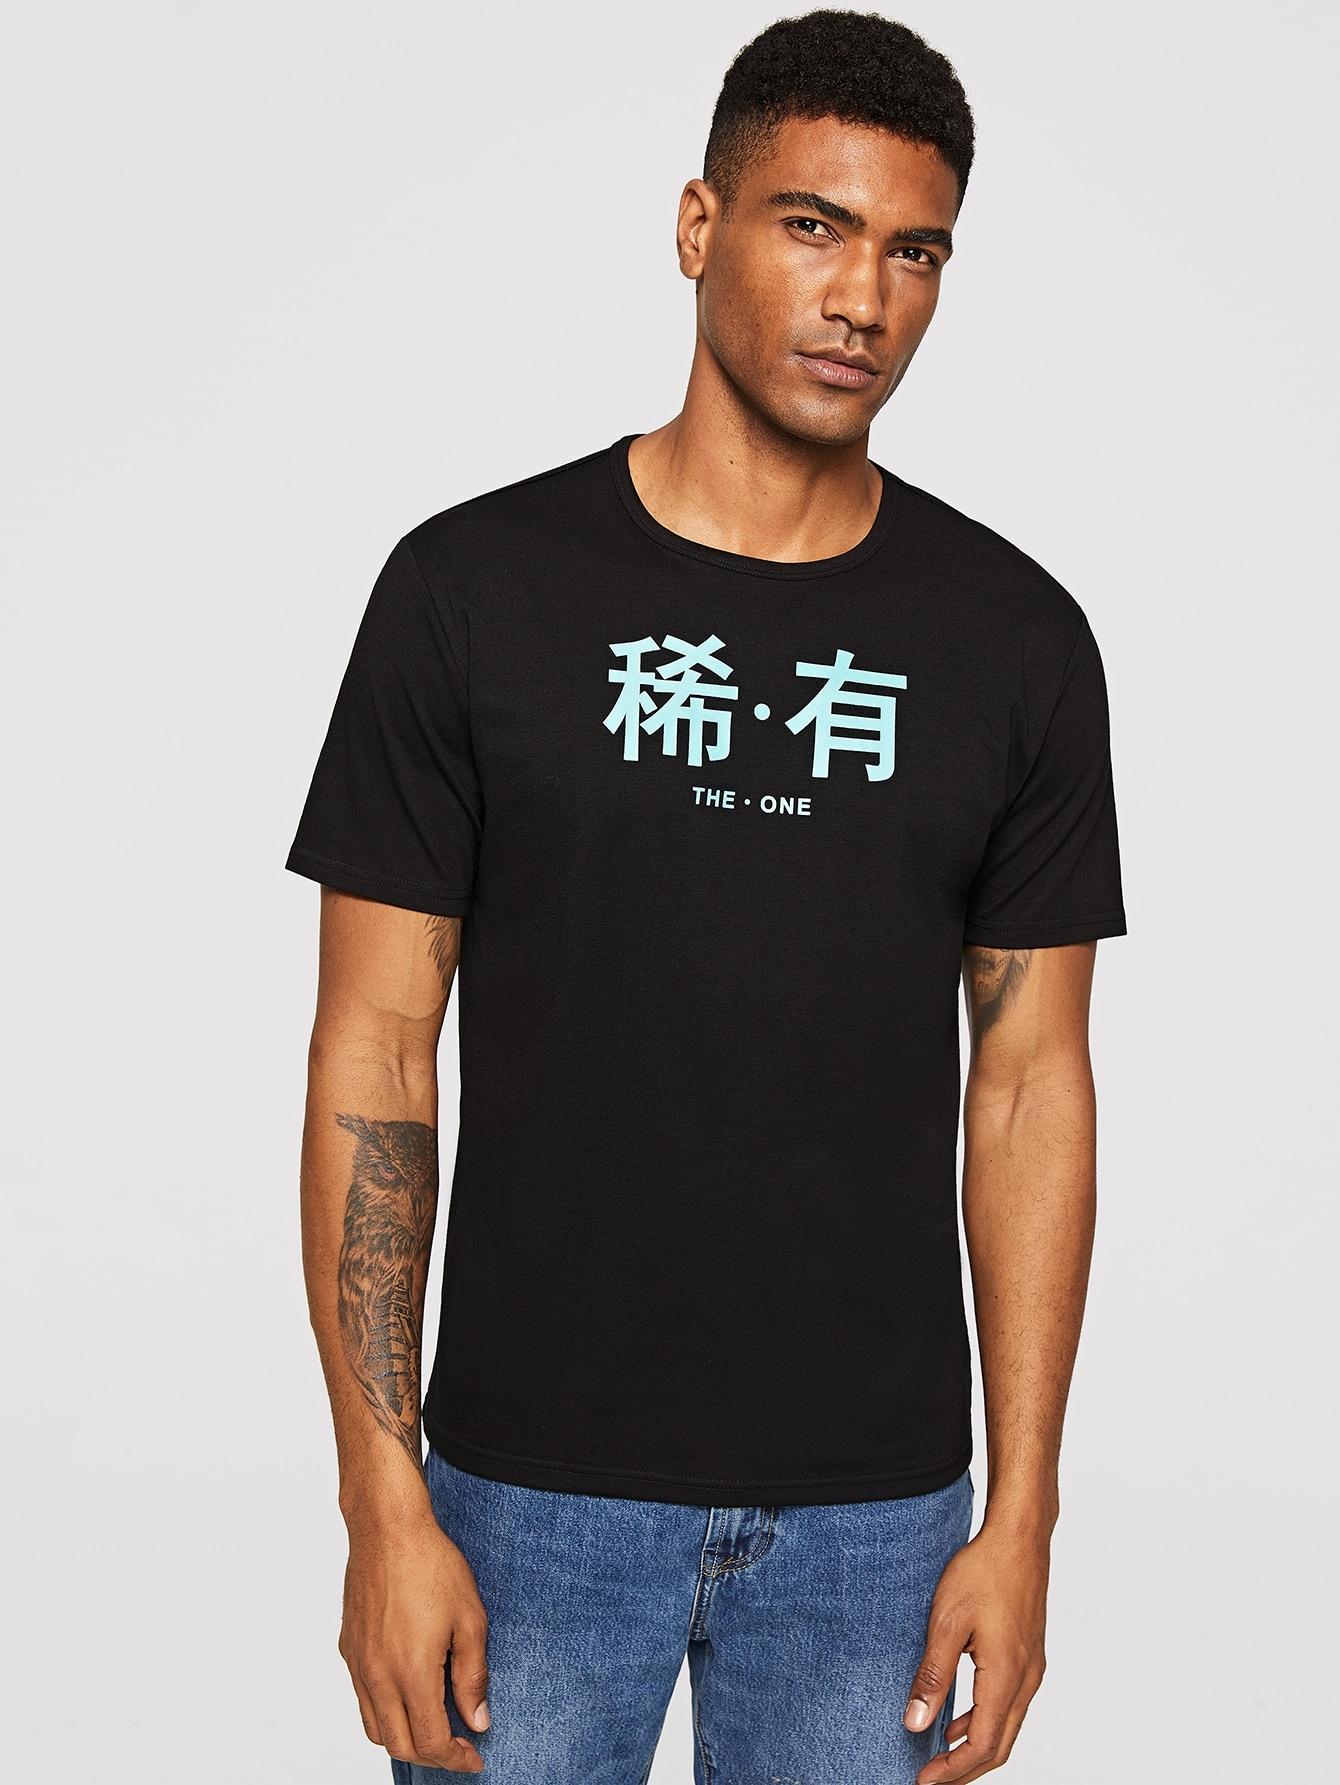 Купить Мужская футболка с текстовым принтом, Johnn Silva, SheIn